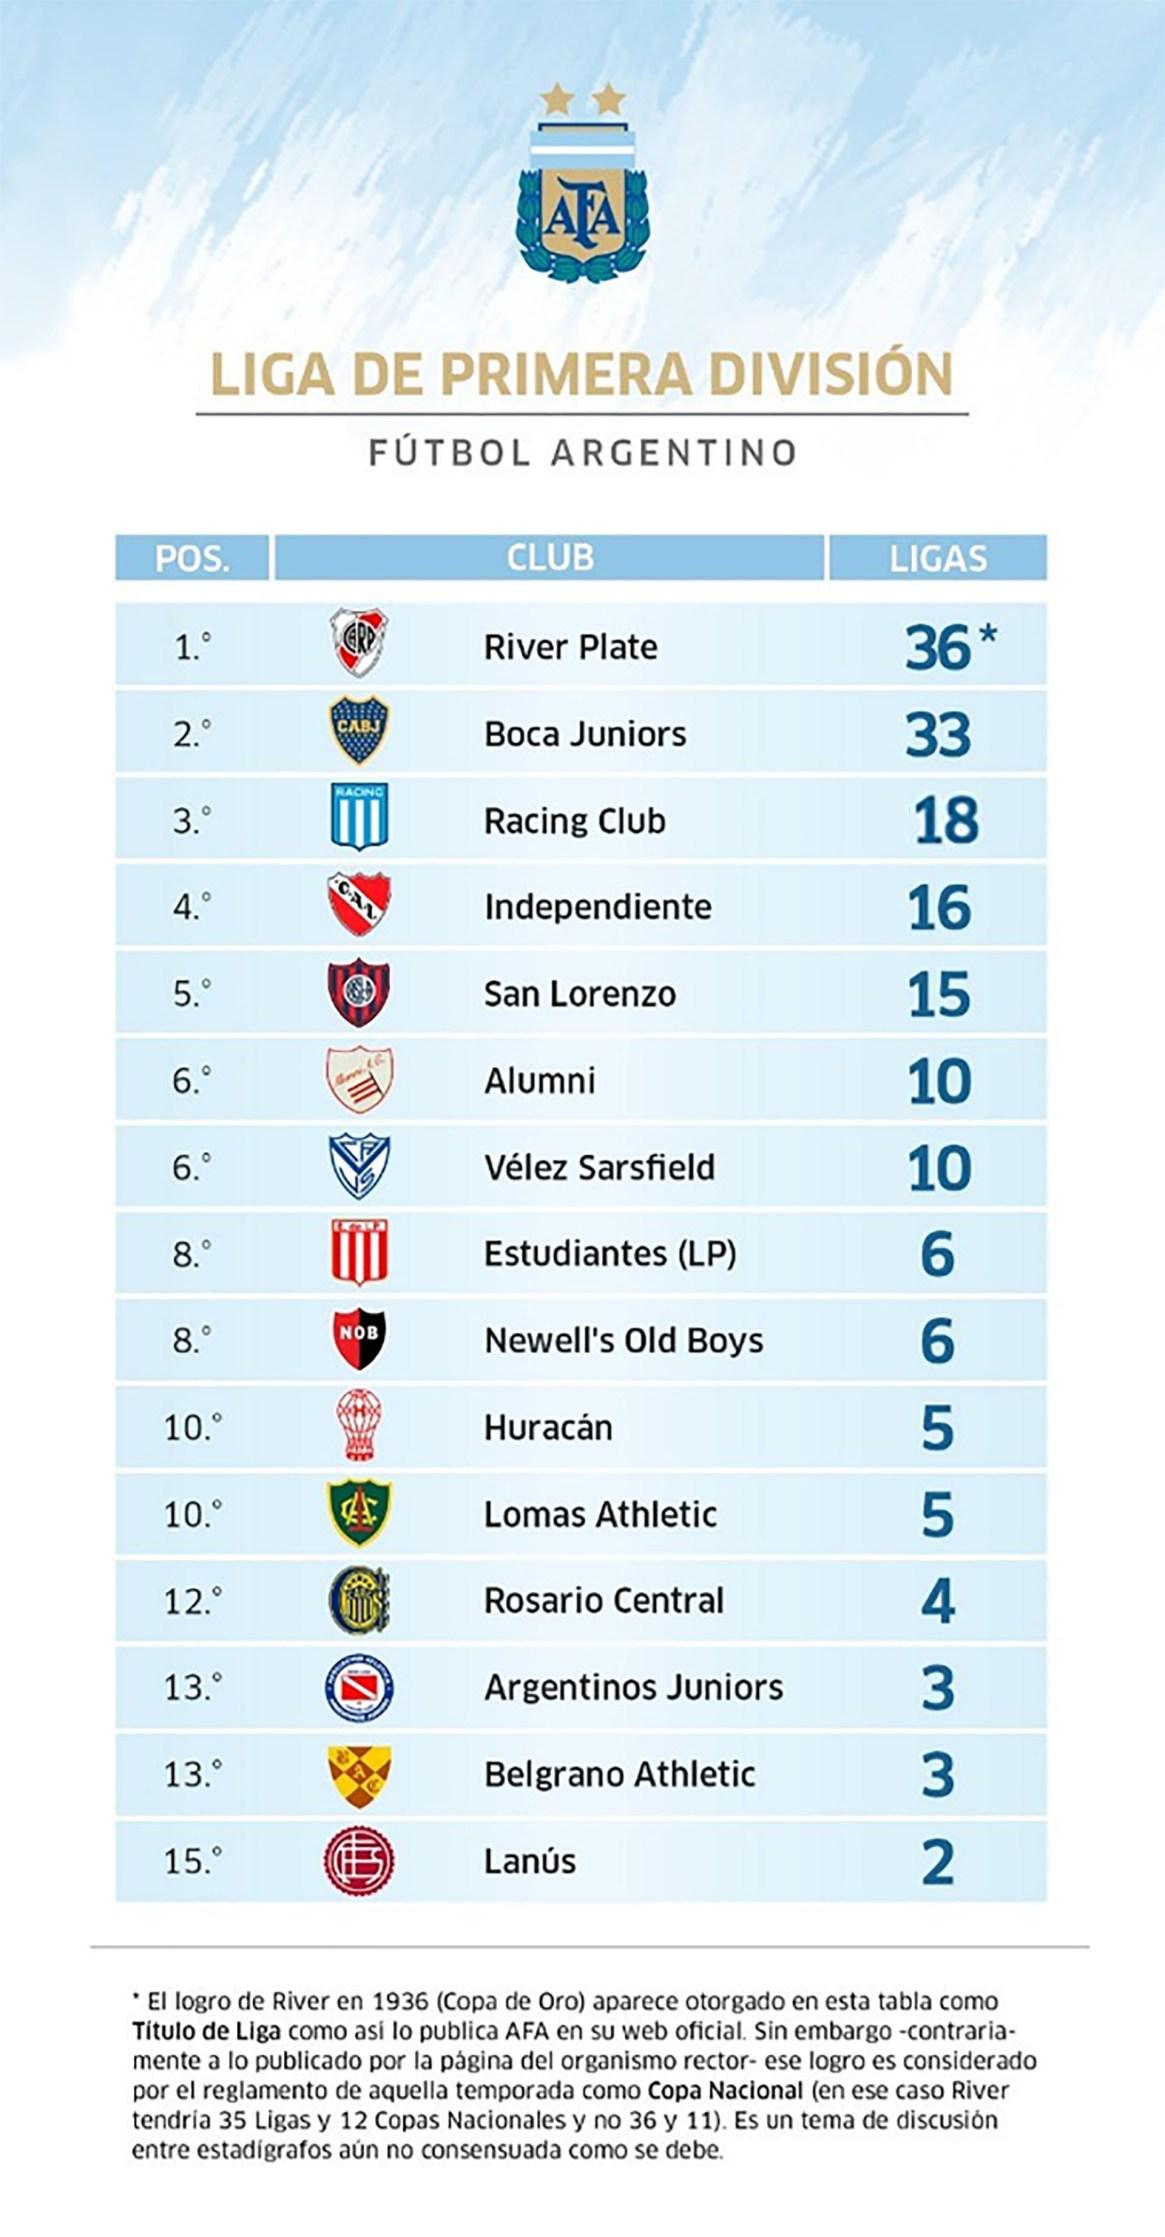 La tabla histórica de títulos de Liga del fútbol argentino (Fuente: rhdelfutbol)